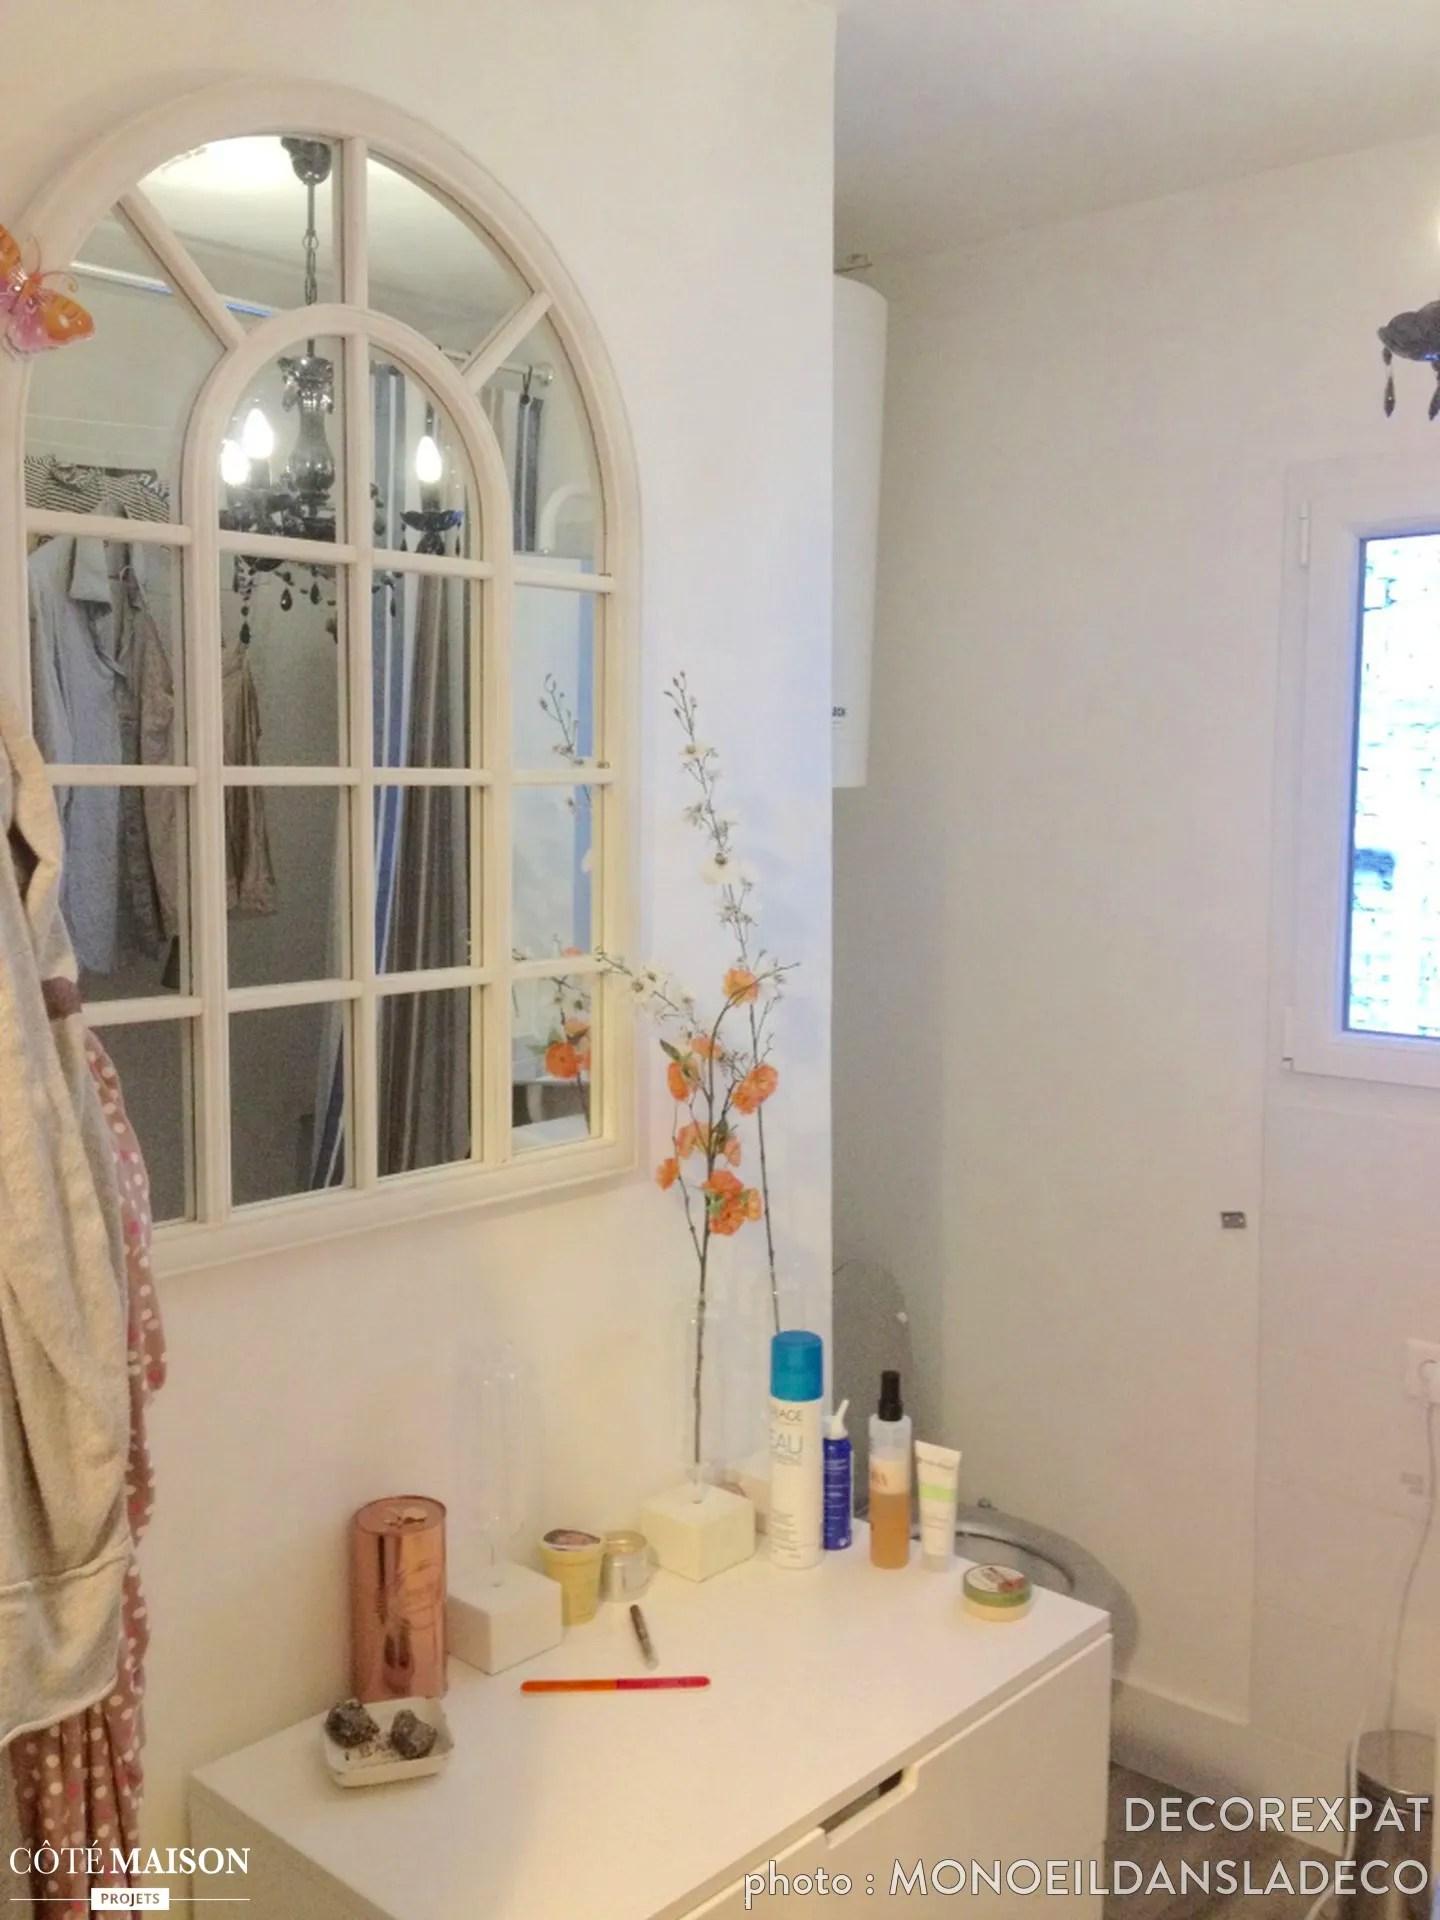 Home Staging Dune Petite Maison Atypique Decorexpat